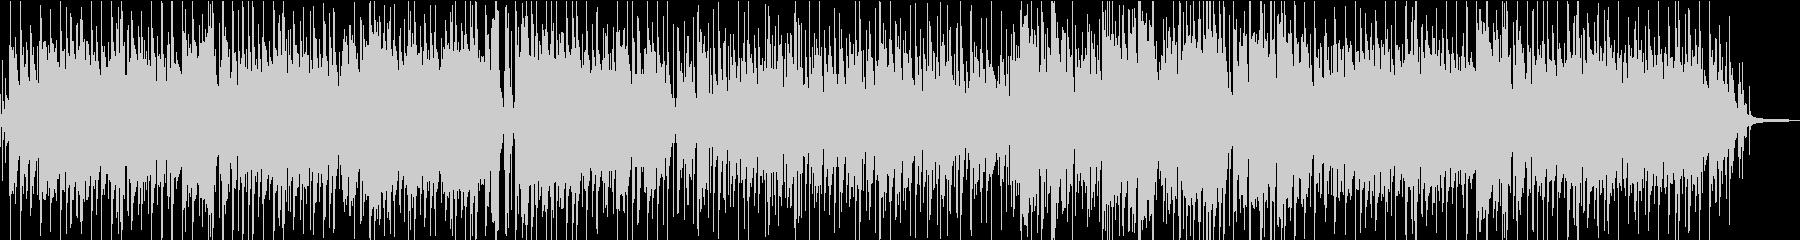 優しく軽快なトランペットジャズワルツの未再生の波形